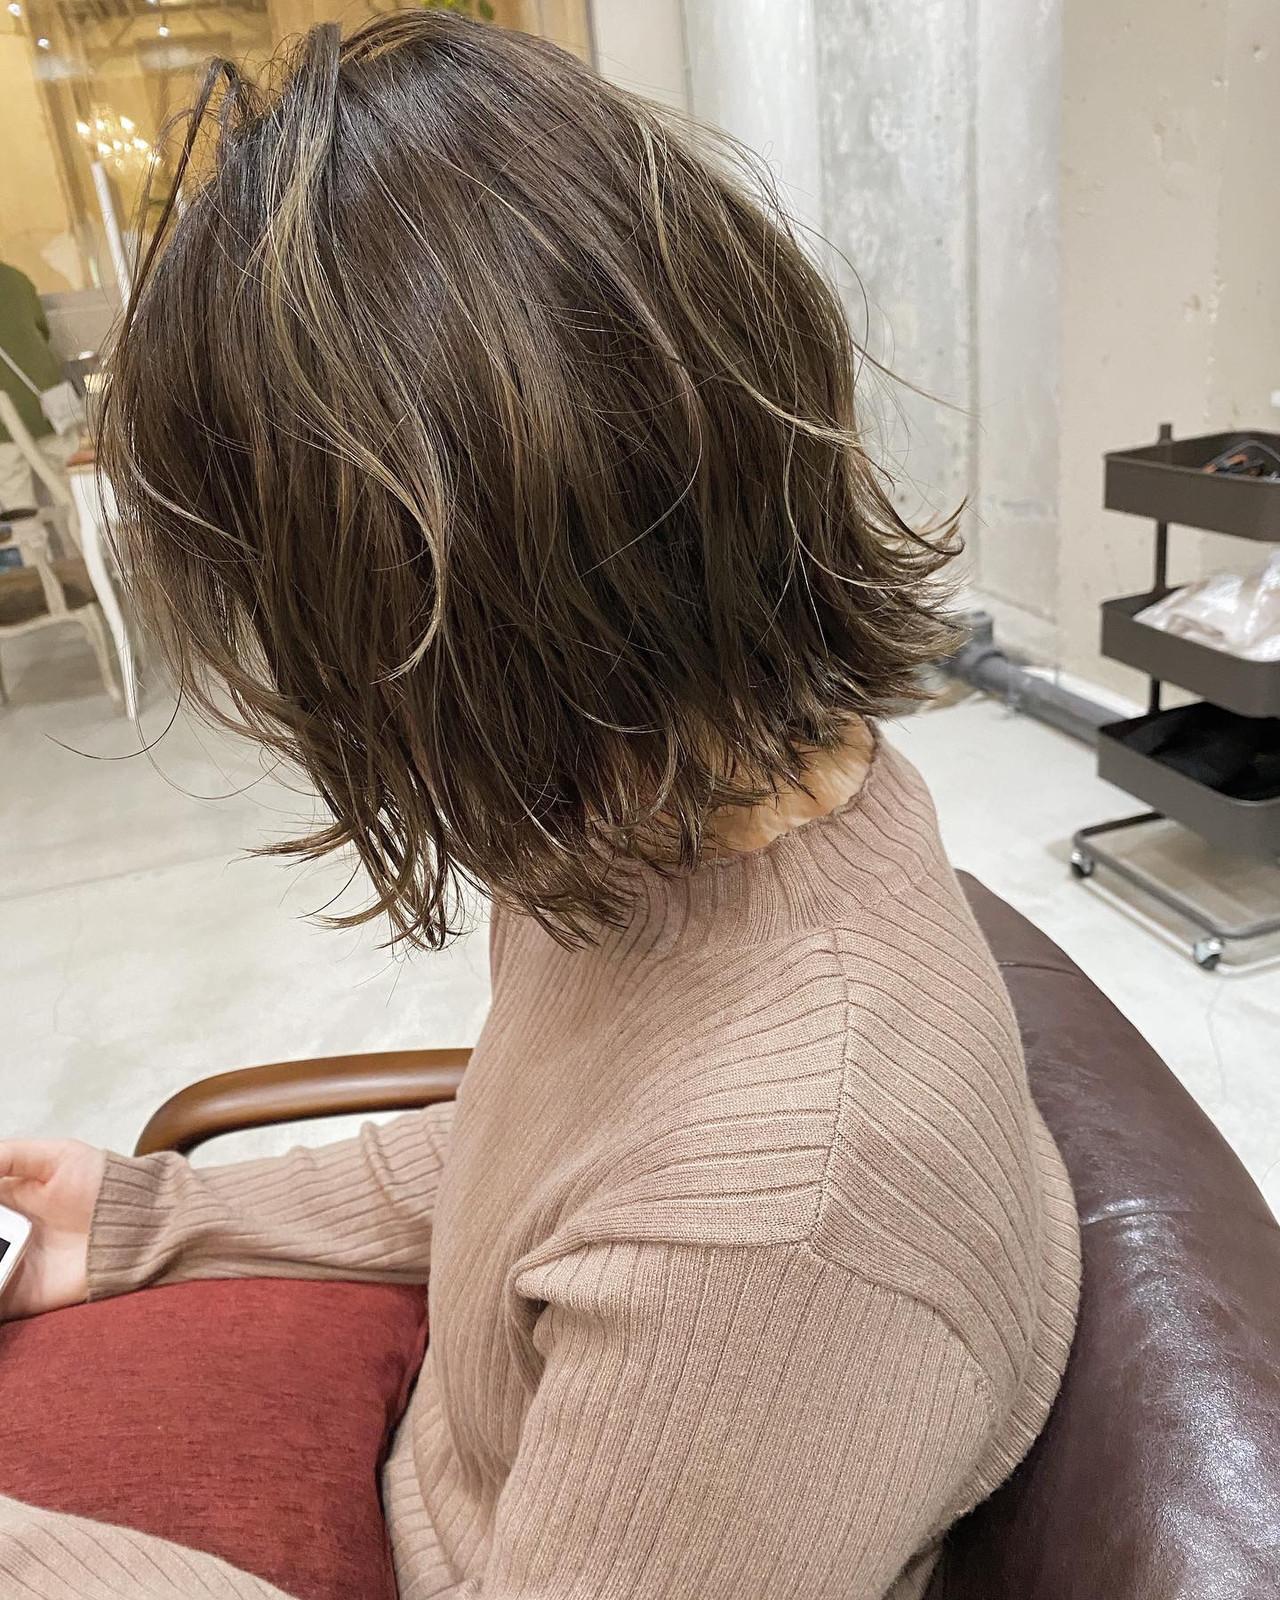 切りっぱなしボブ ナチュラル 大人ハイライト ミルクティーベージュ ヘアスタイルや髪型の写真・画像 | 田渕 英和/vicushair / vicushair